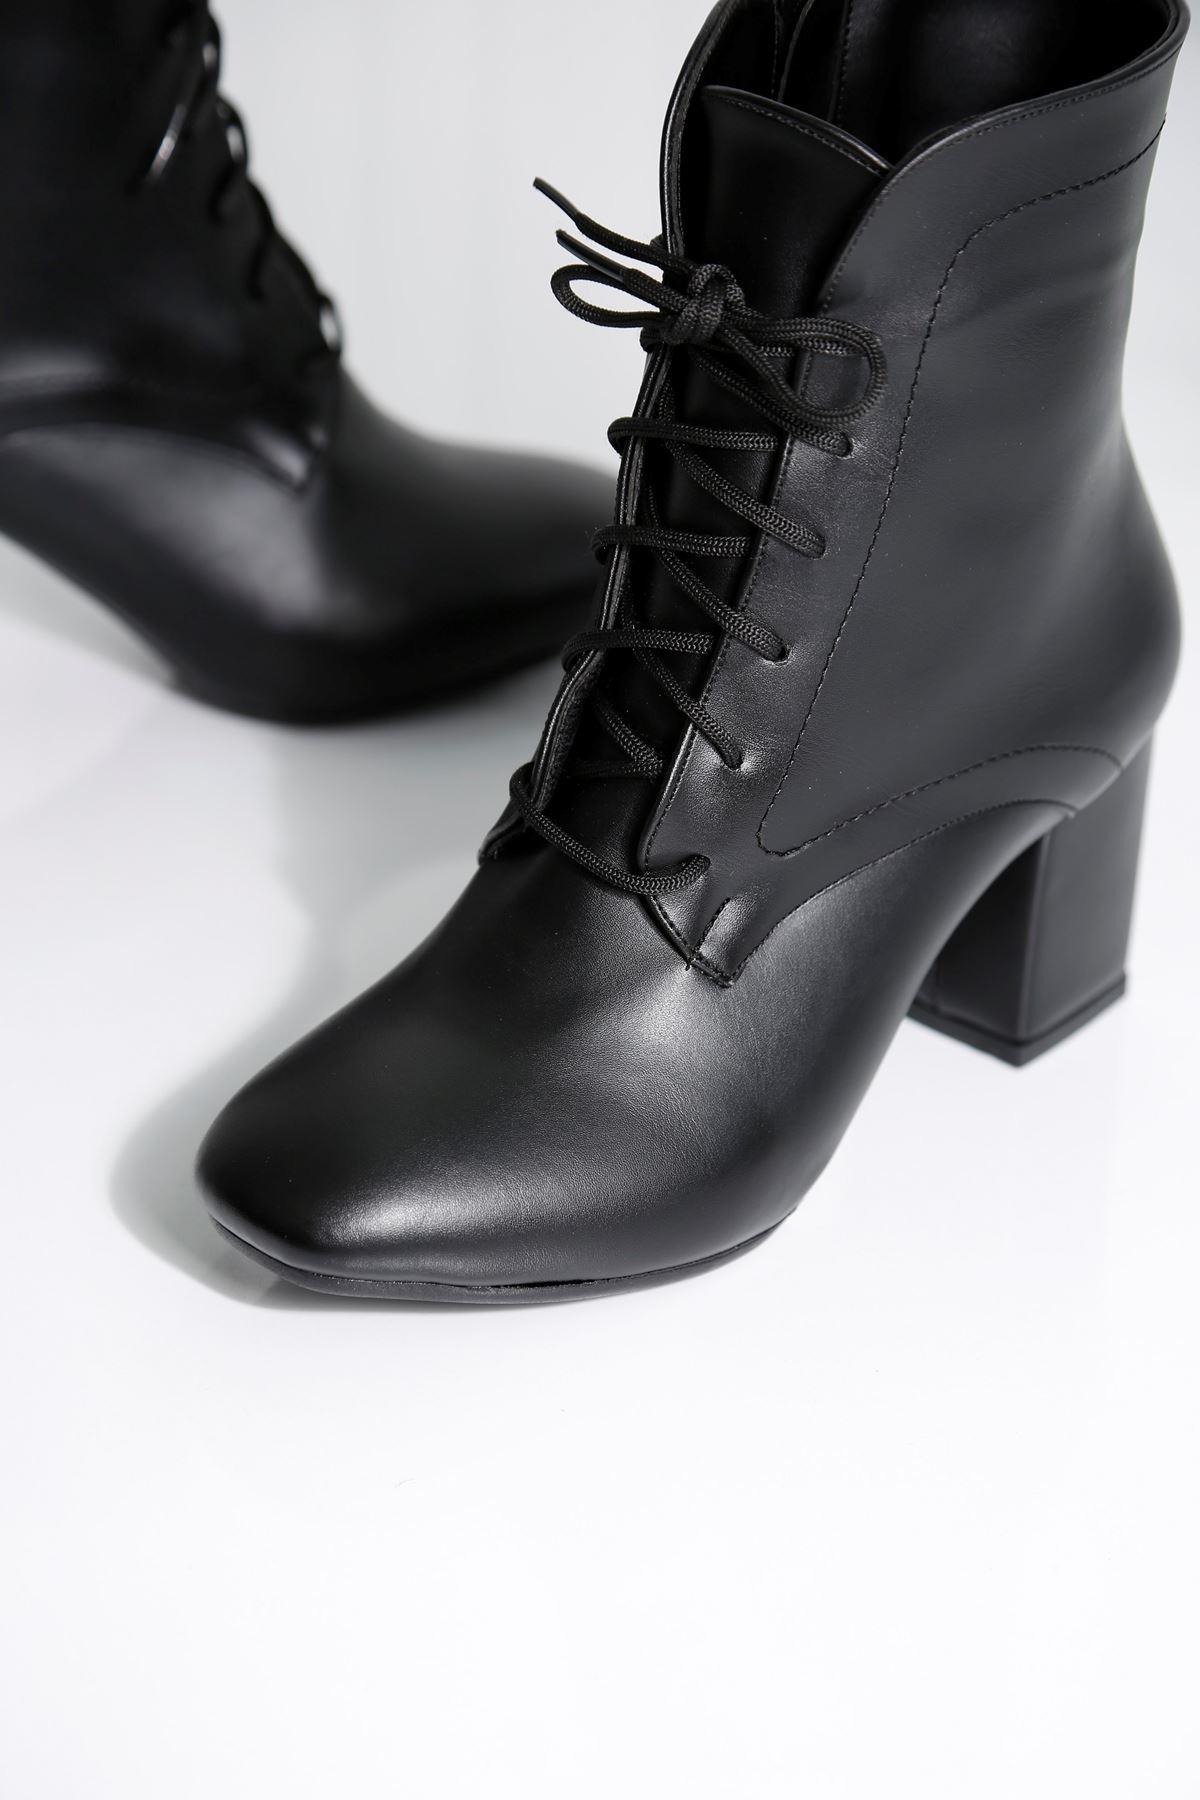 MILANO Siyah Cilt Kadın Topuklu BOT